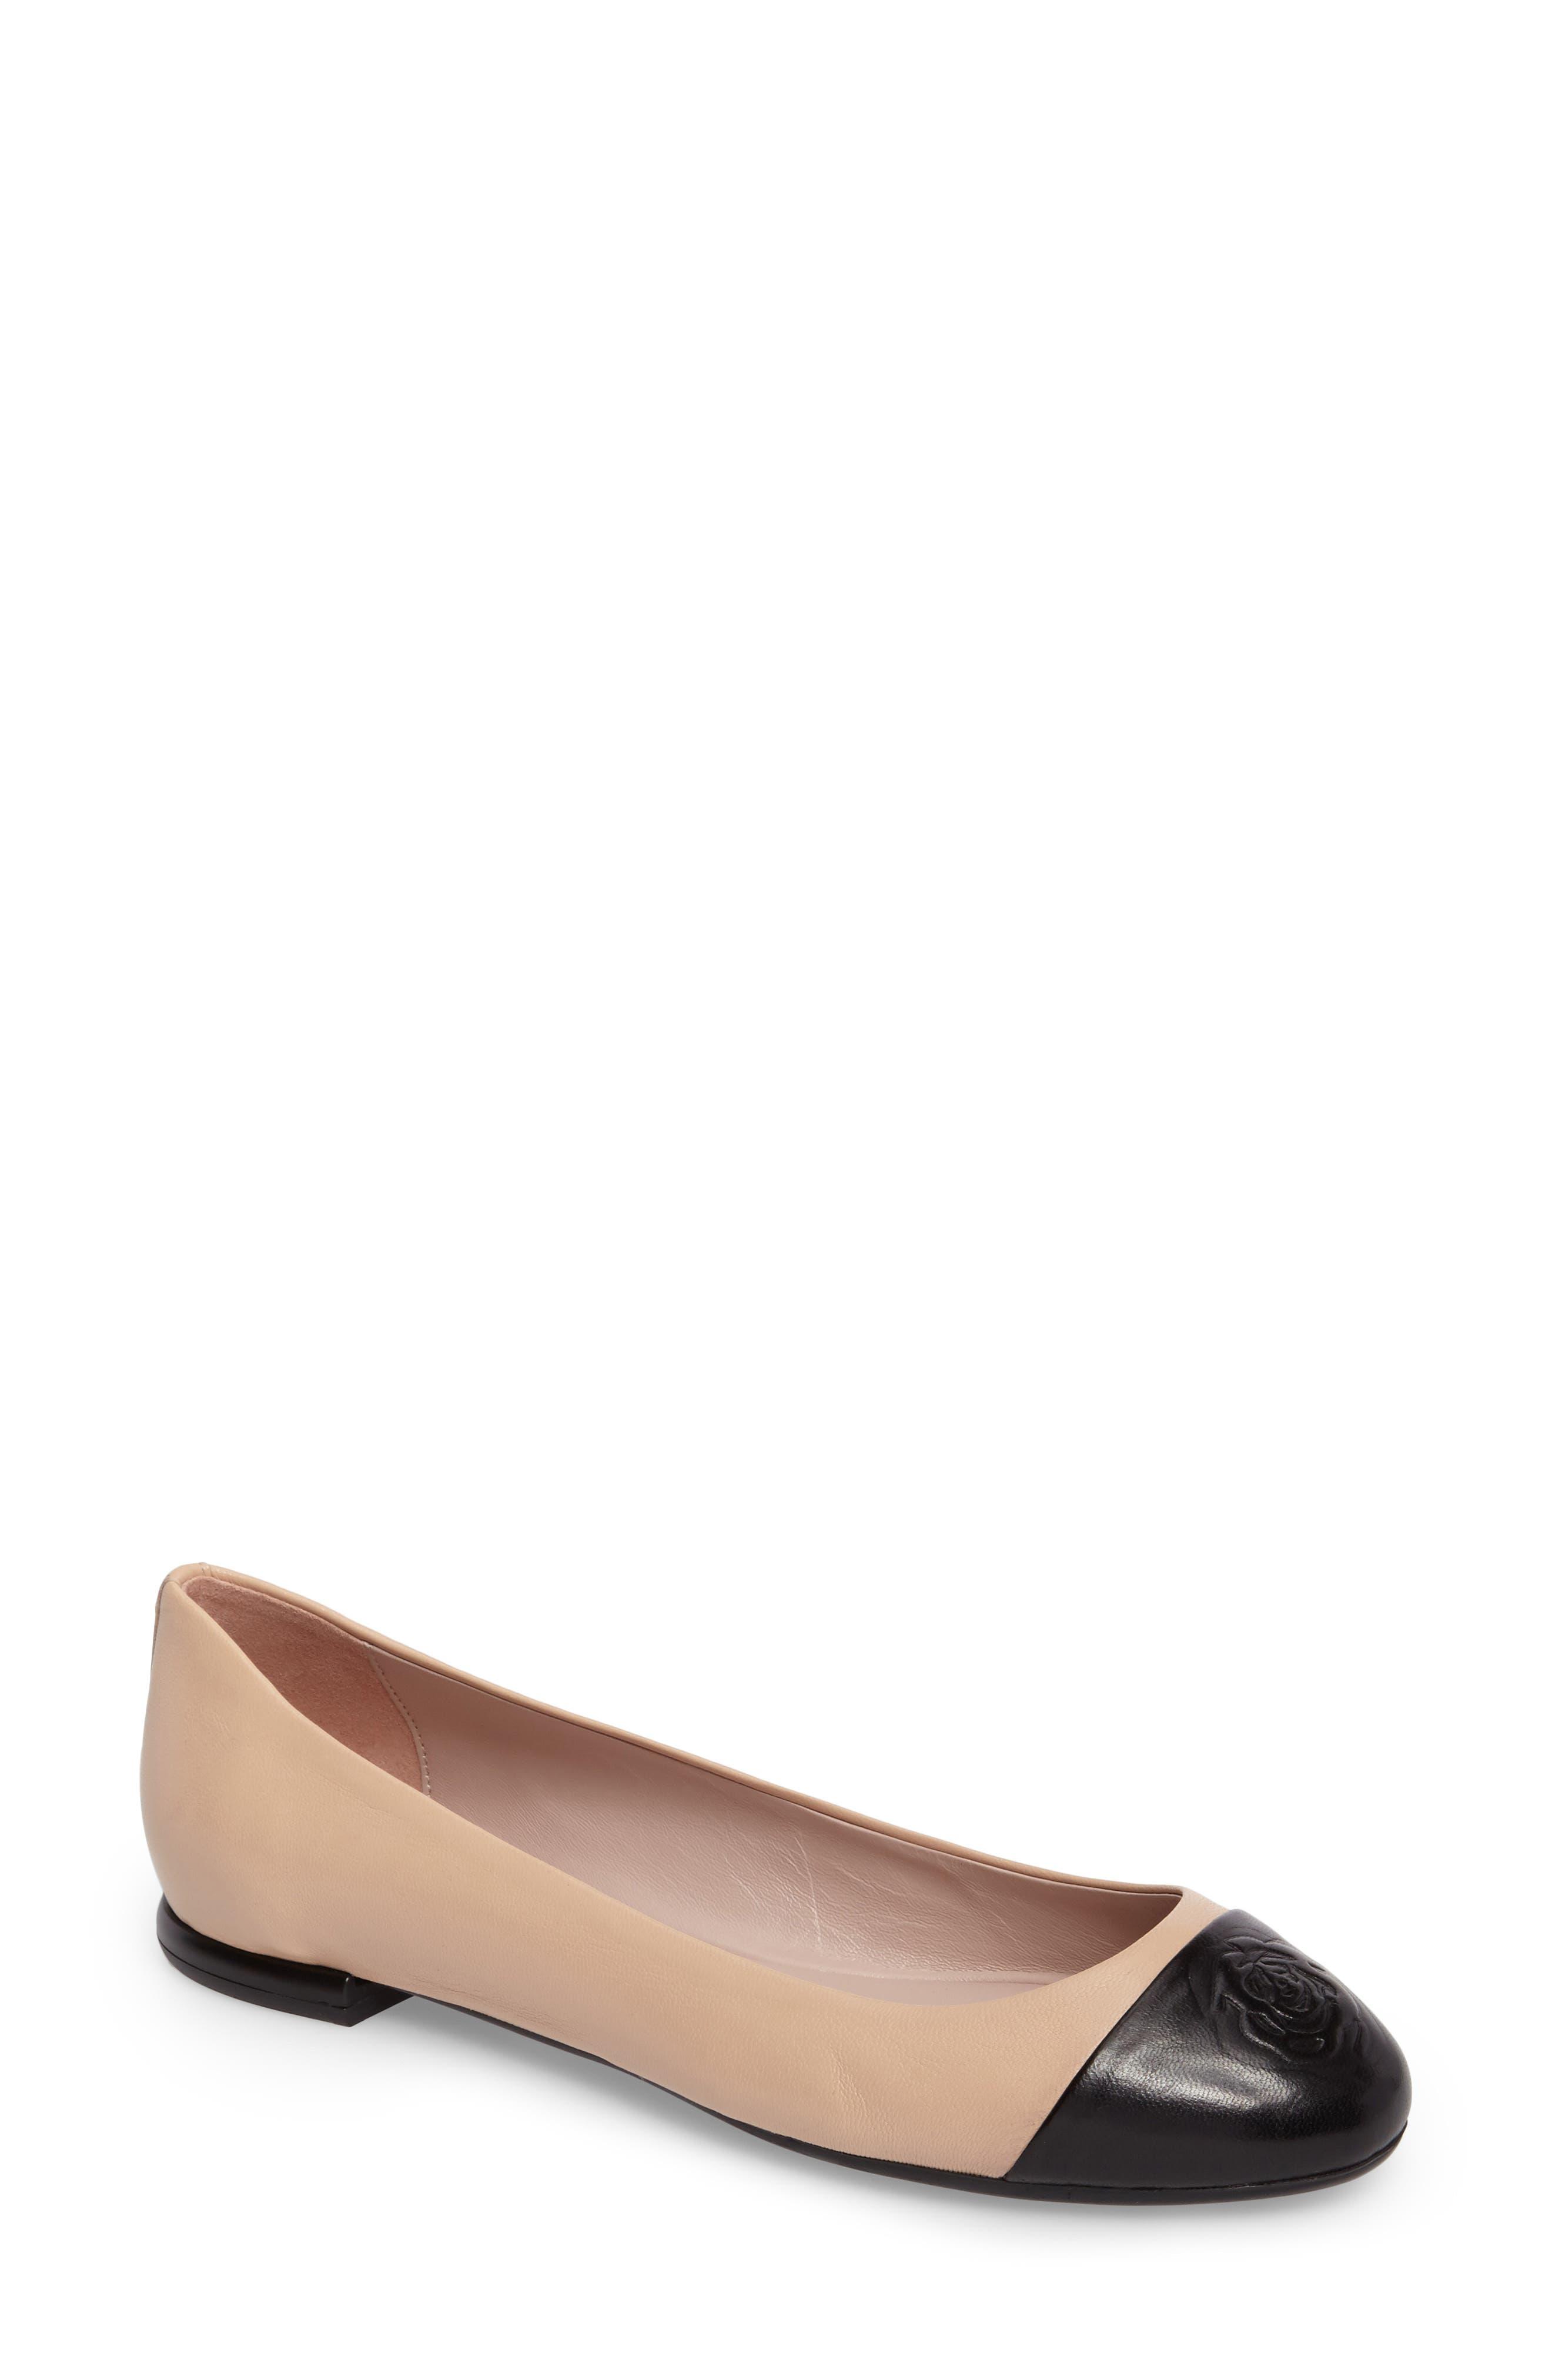 Rosa Ballet Flat,                             Main thumbnail 1, color,                             Beige/ Black Leather